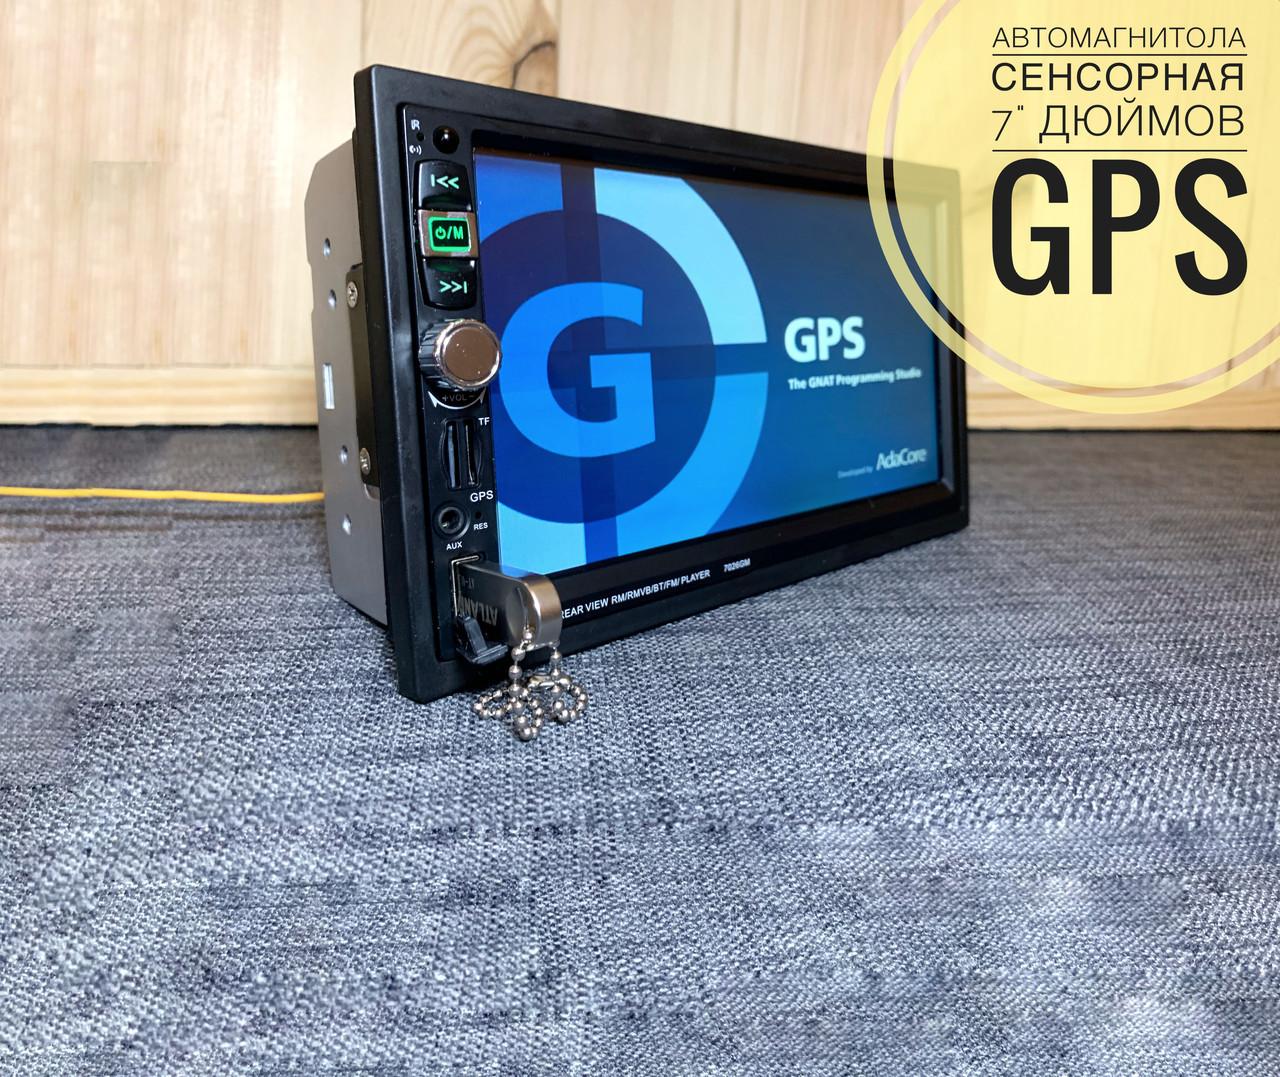 """Автомагнитола с GPS навигатором сенсорным экраном 7"""" дюймов"""